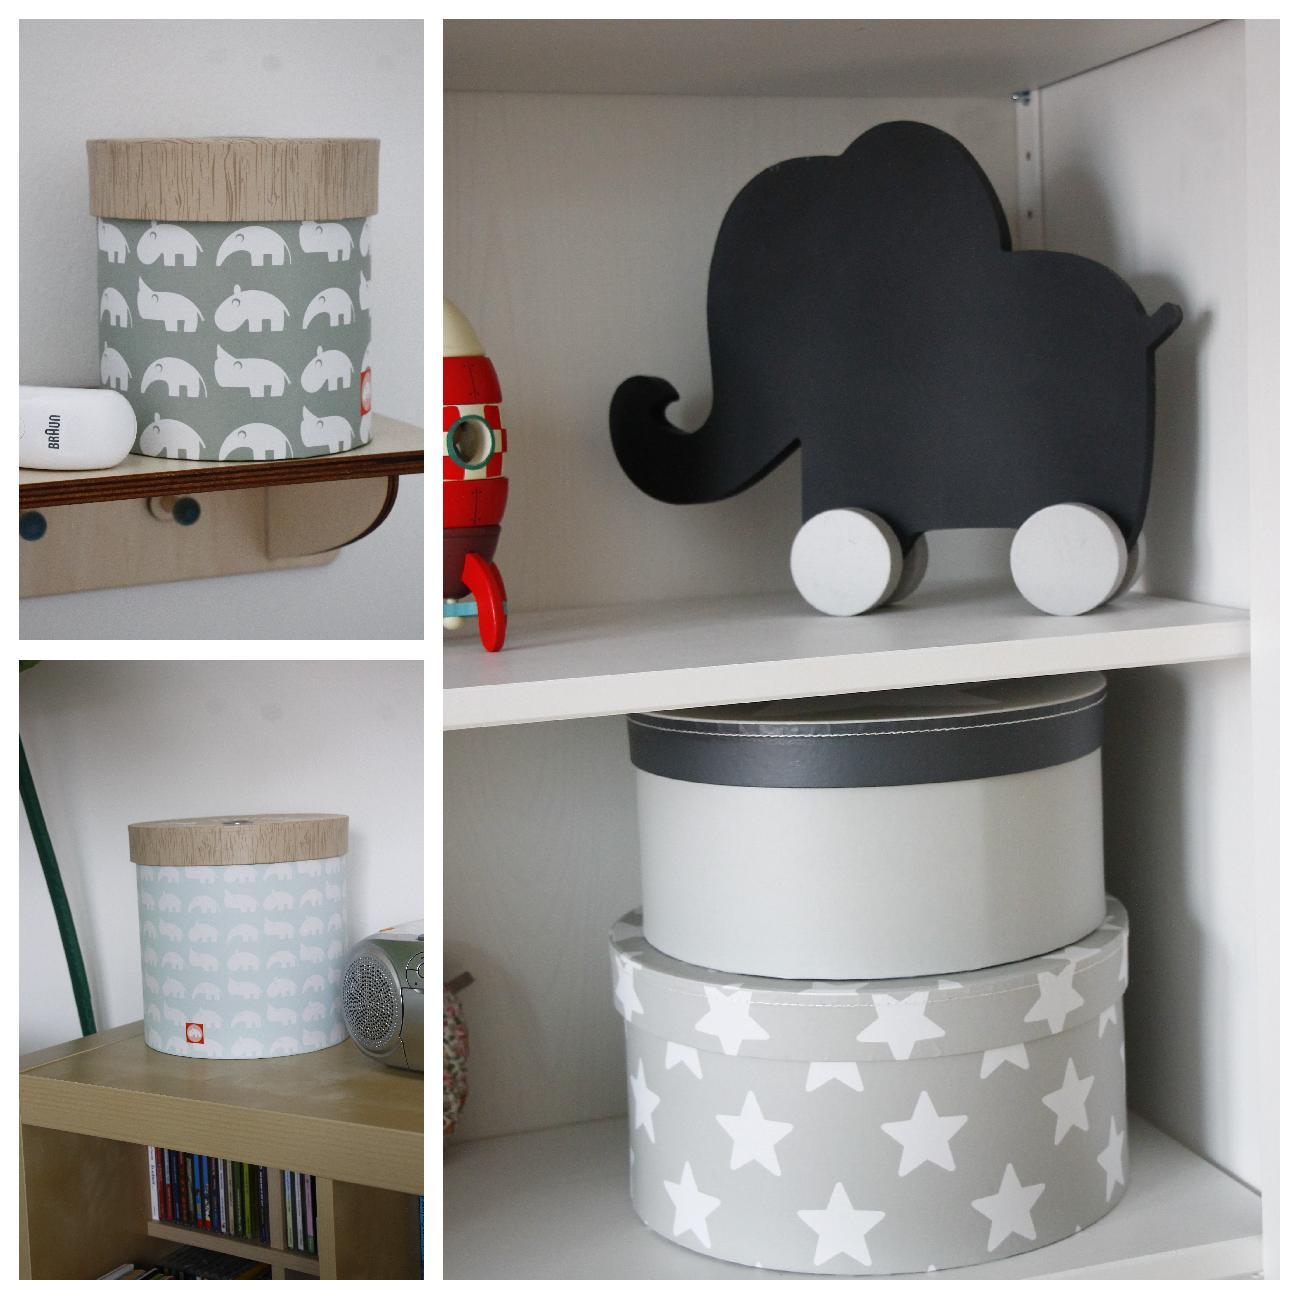 Faszinierend Aufräumtipps Dekoration Von Aufräumregeln, Aufräumtipps Und Ordnungshelfer Für Das Kinderzimmer